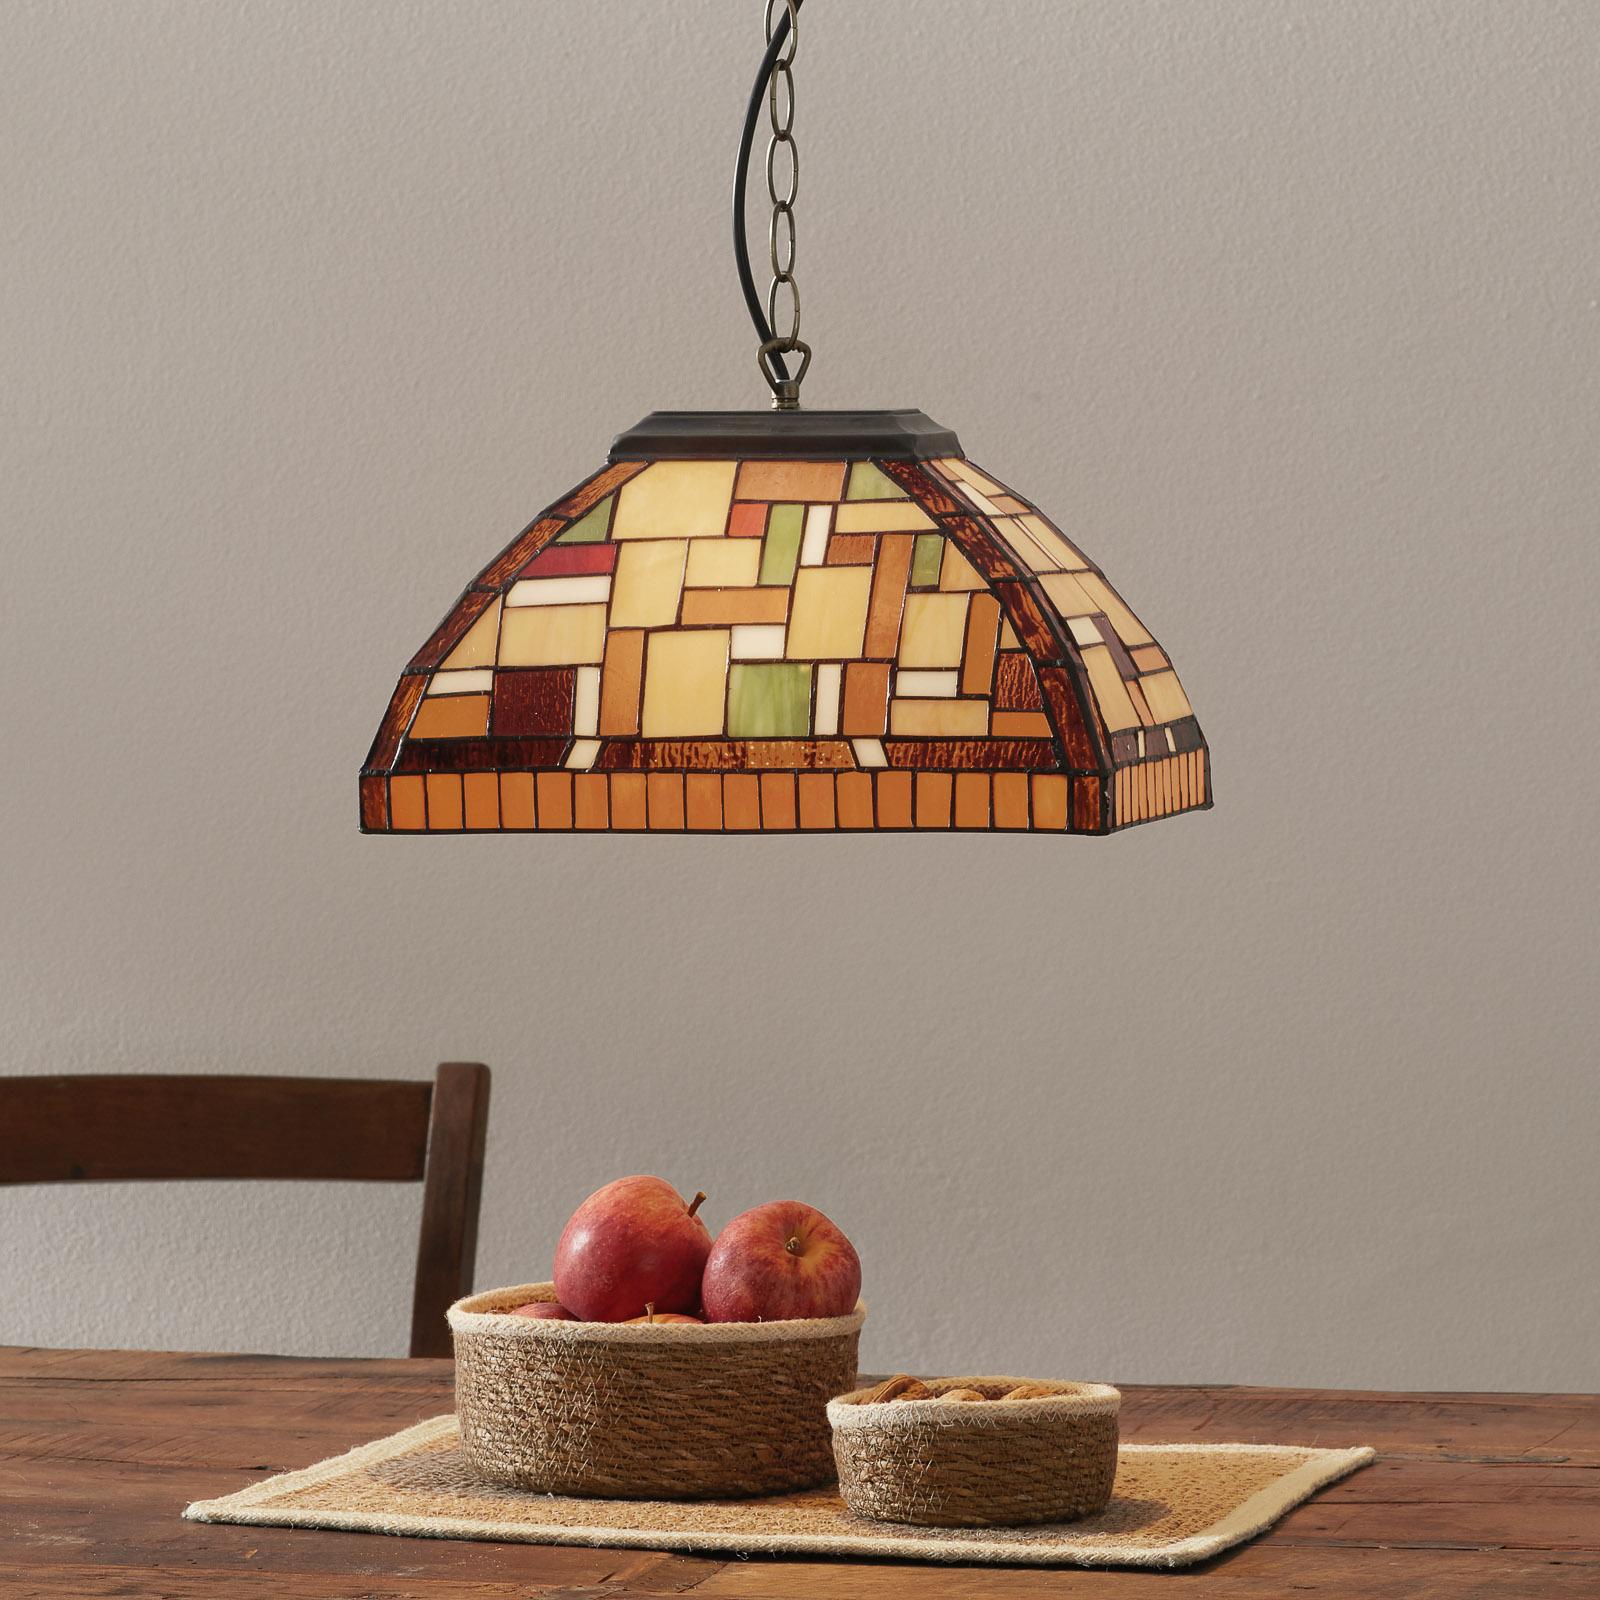 Lampa wisząca MOSAICO w stylu Tiffany